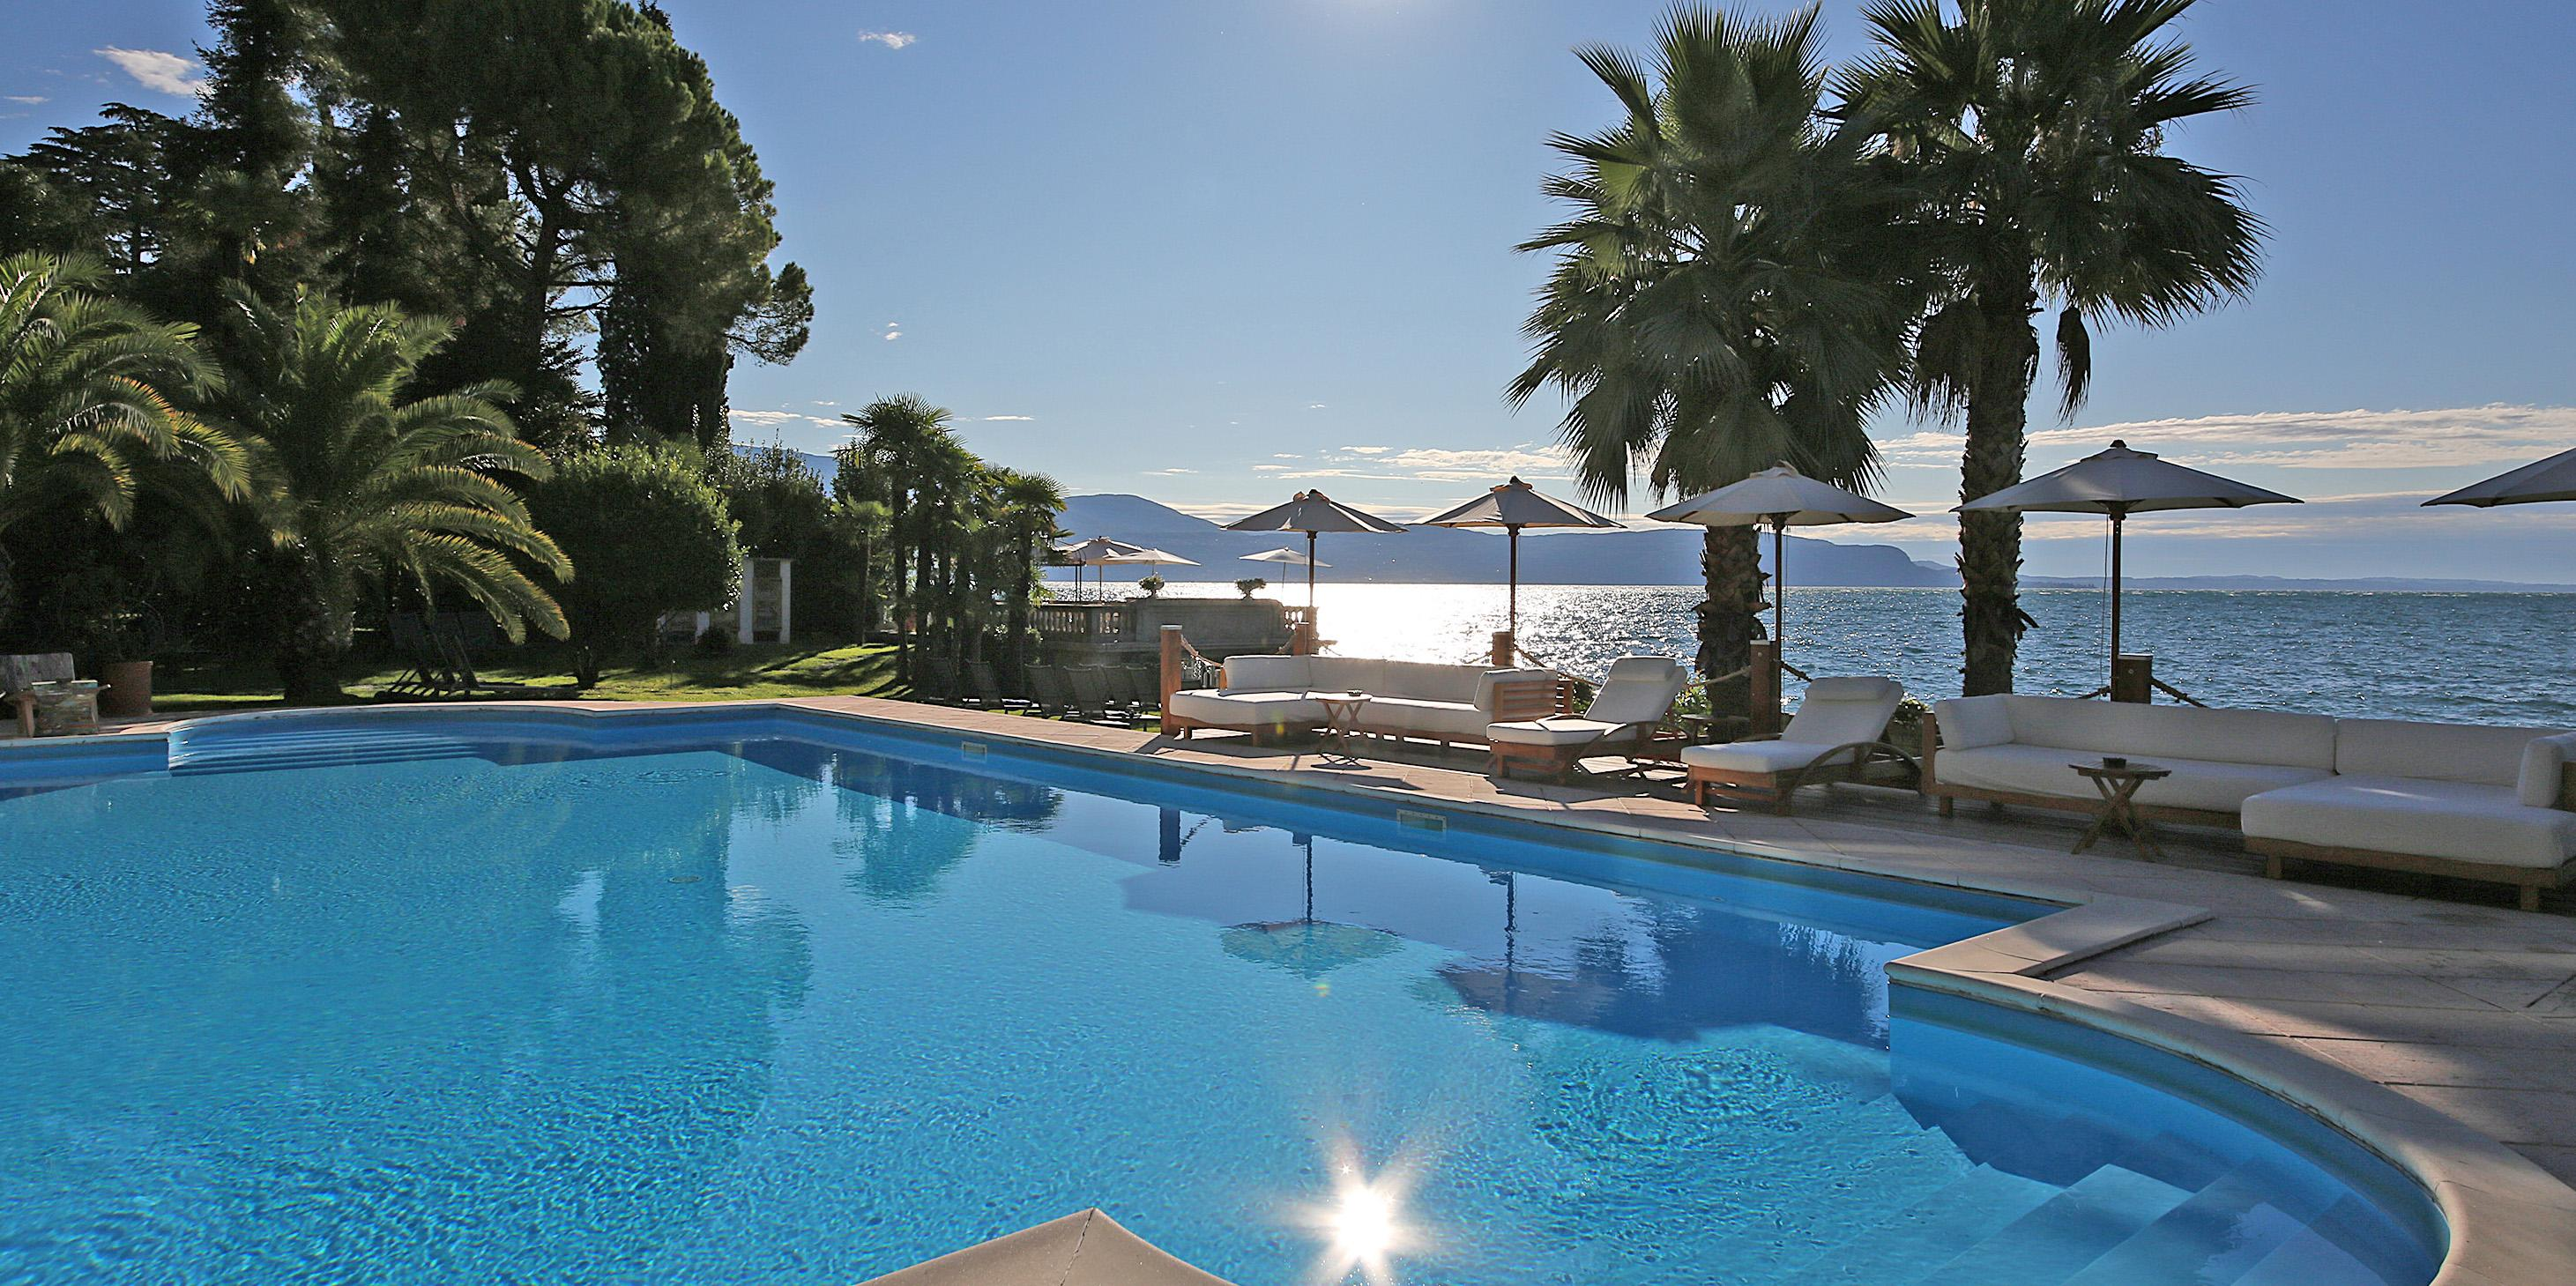 Hotel Villa Capri